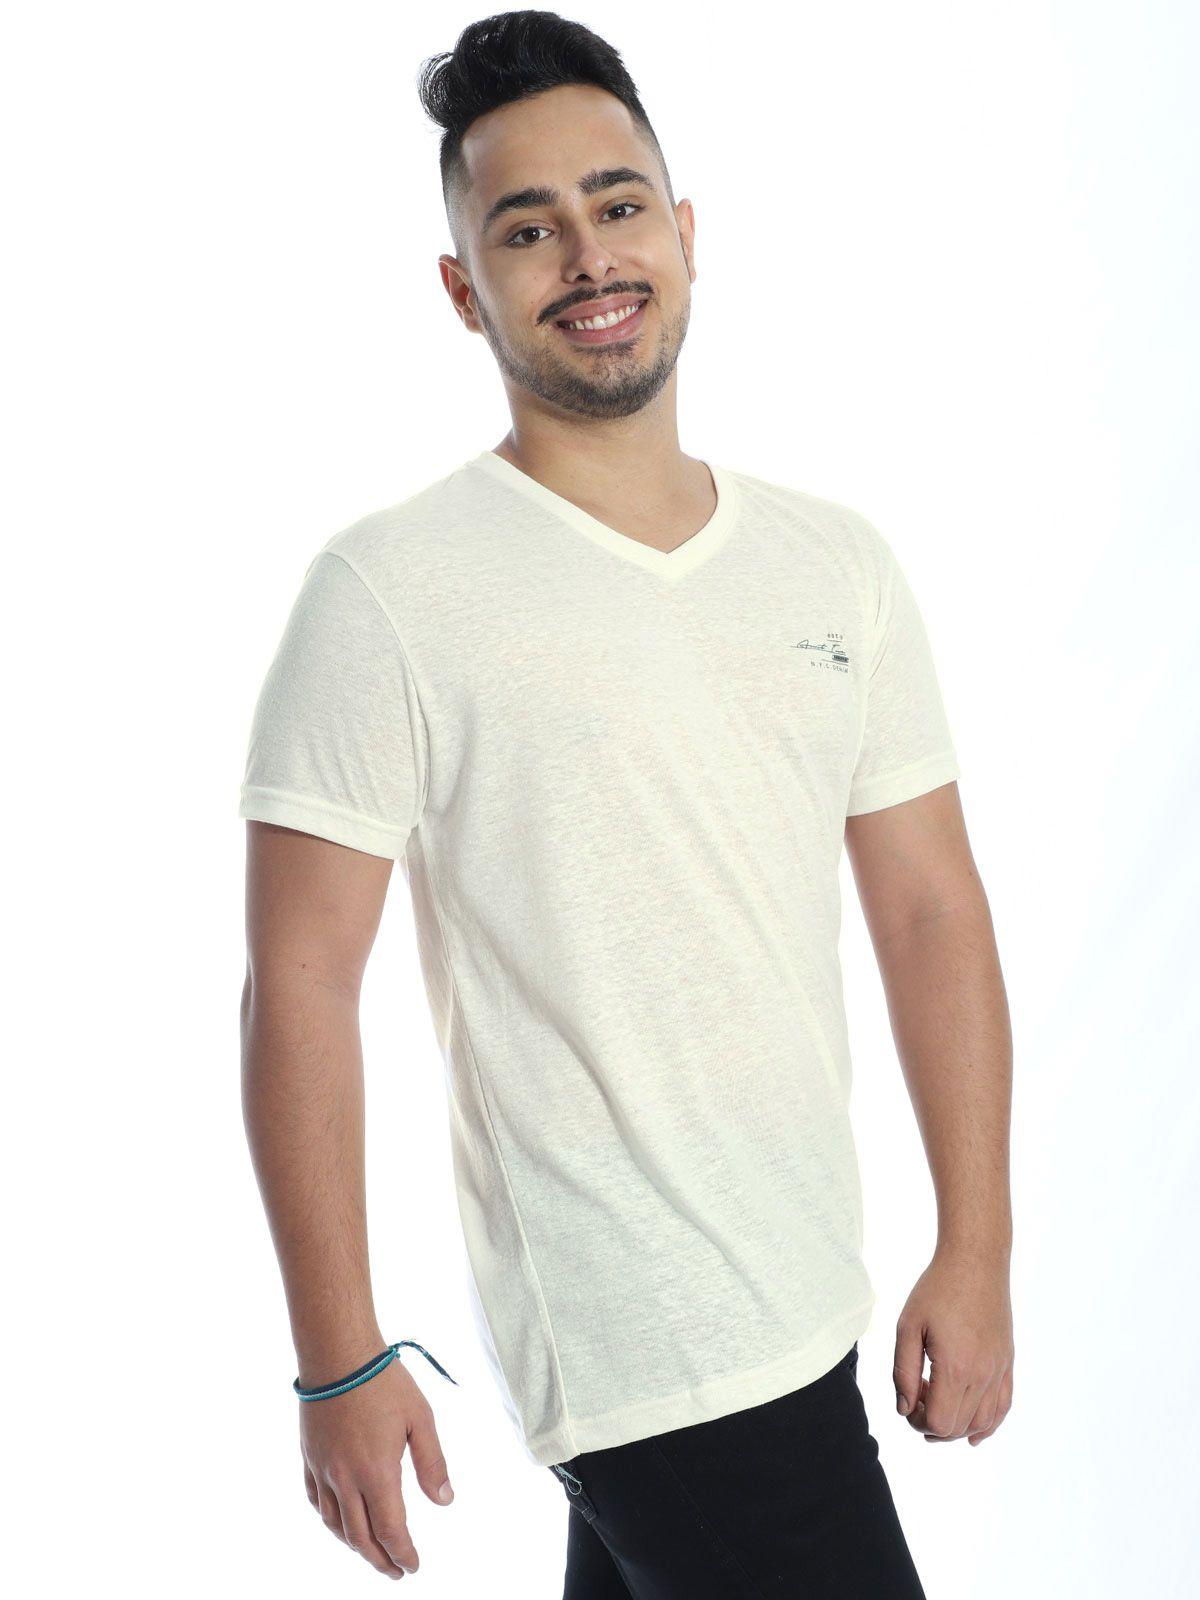 Camiseta Masculina Decote V. Anistia Nature Estampa com Placa Marfim